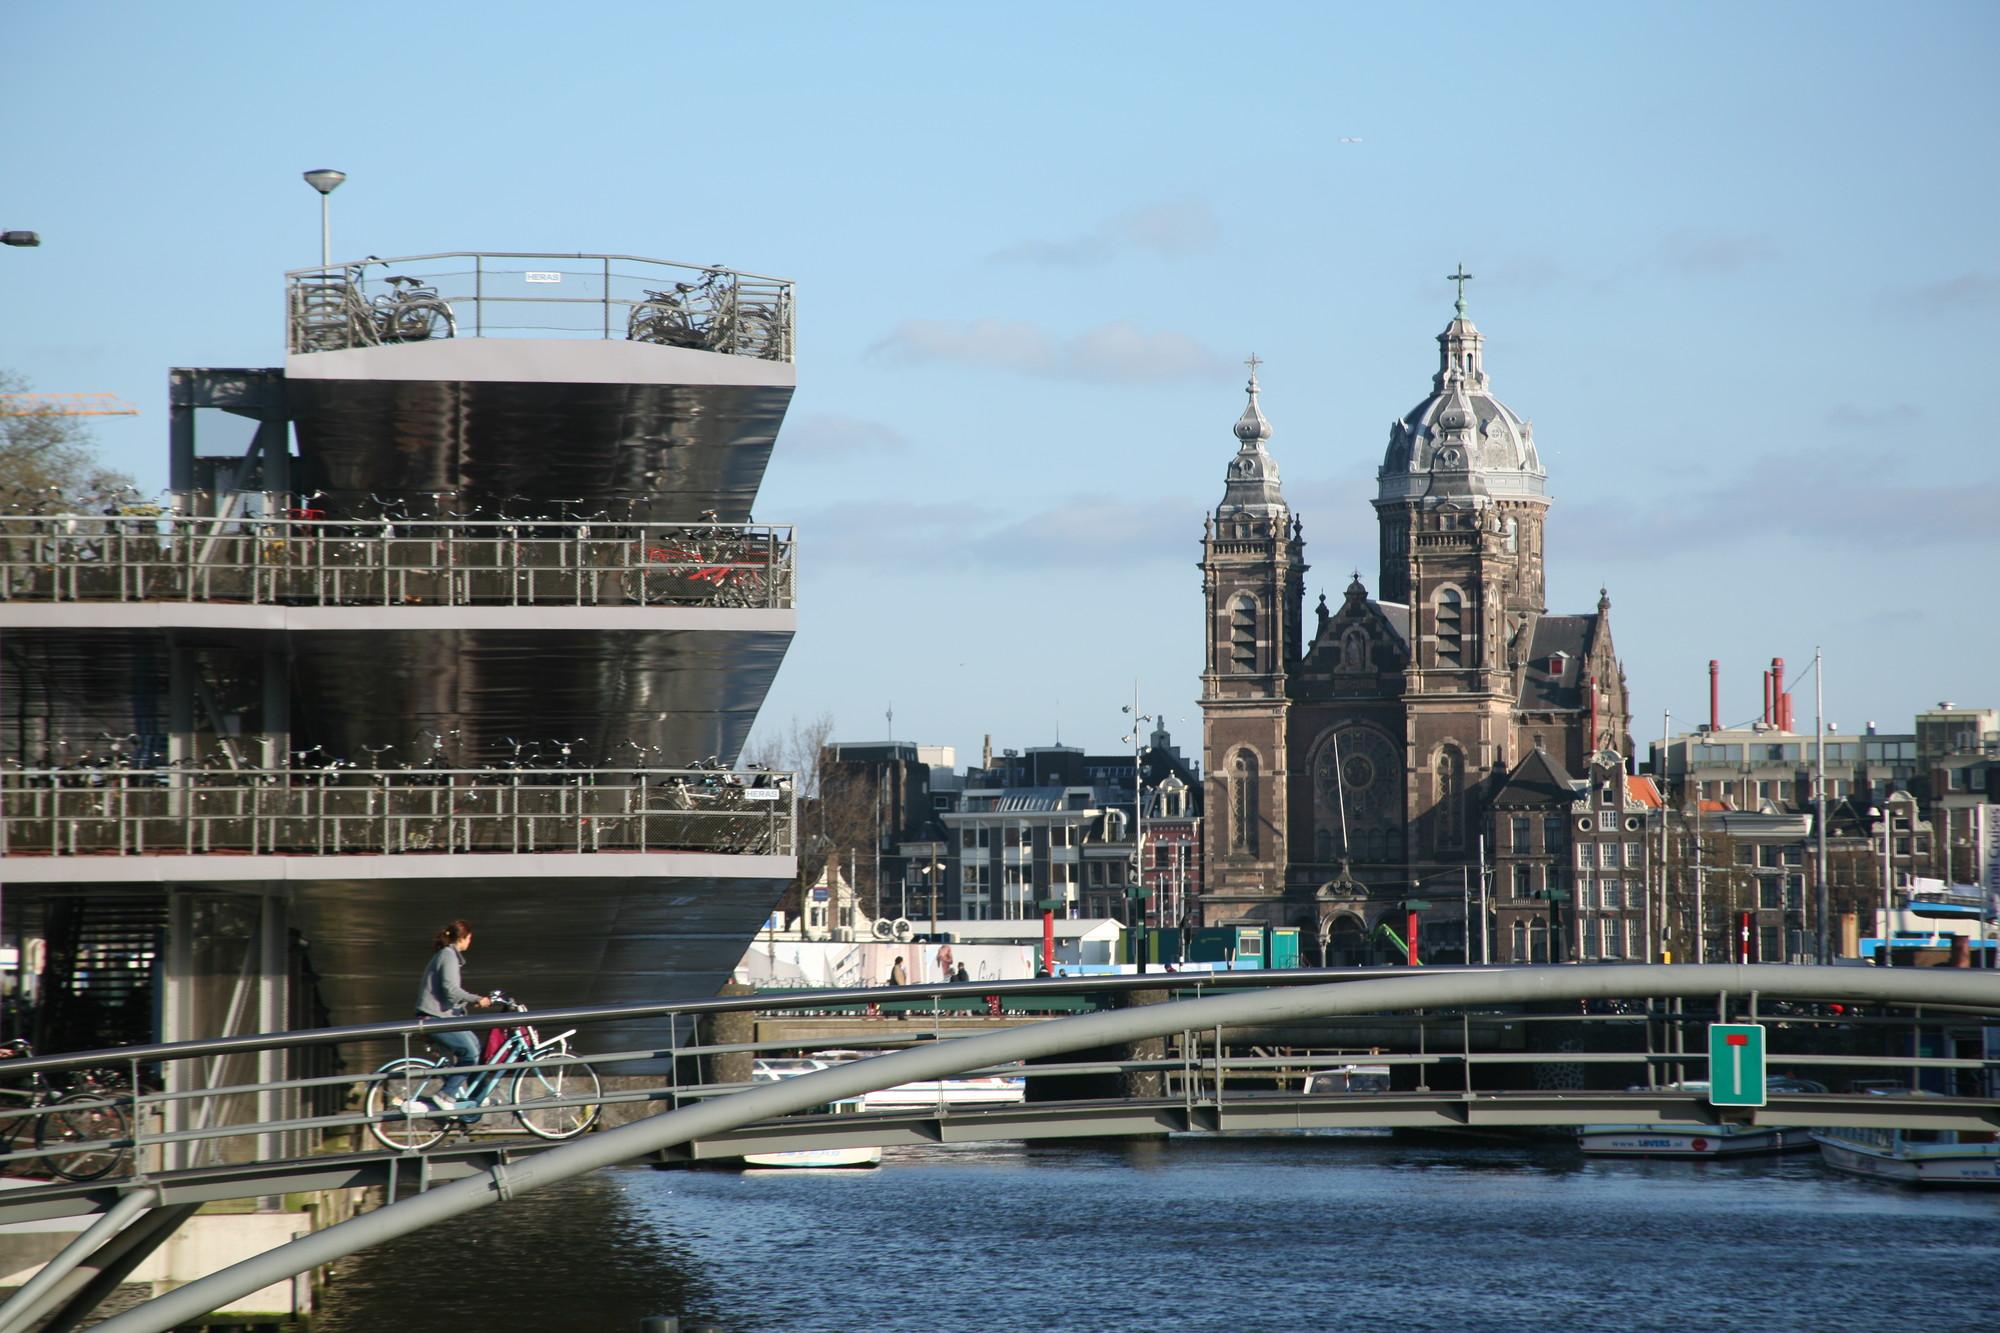 Estacionamiento de mútliples pisos frente a los muelles, puentes para ciclistas, la Estación Central de Ámsterdam y la Basílica de San Nicolás. Image © Steve Cadman [Flickr CC]